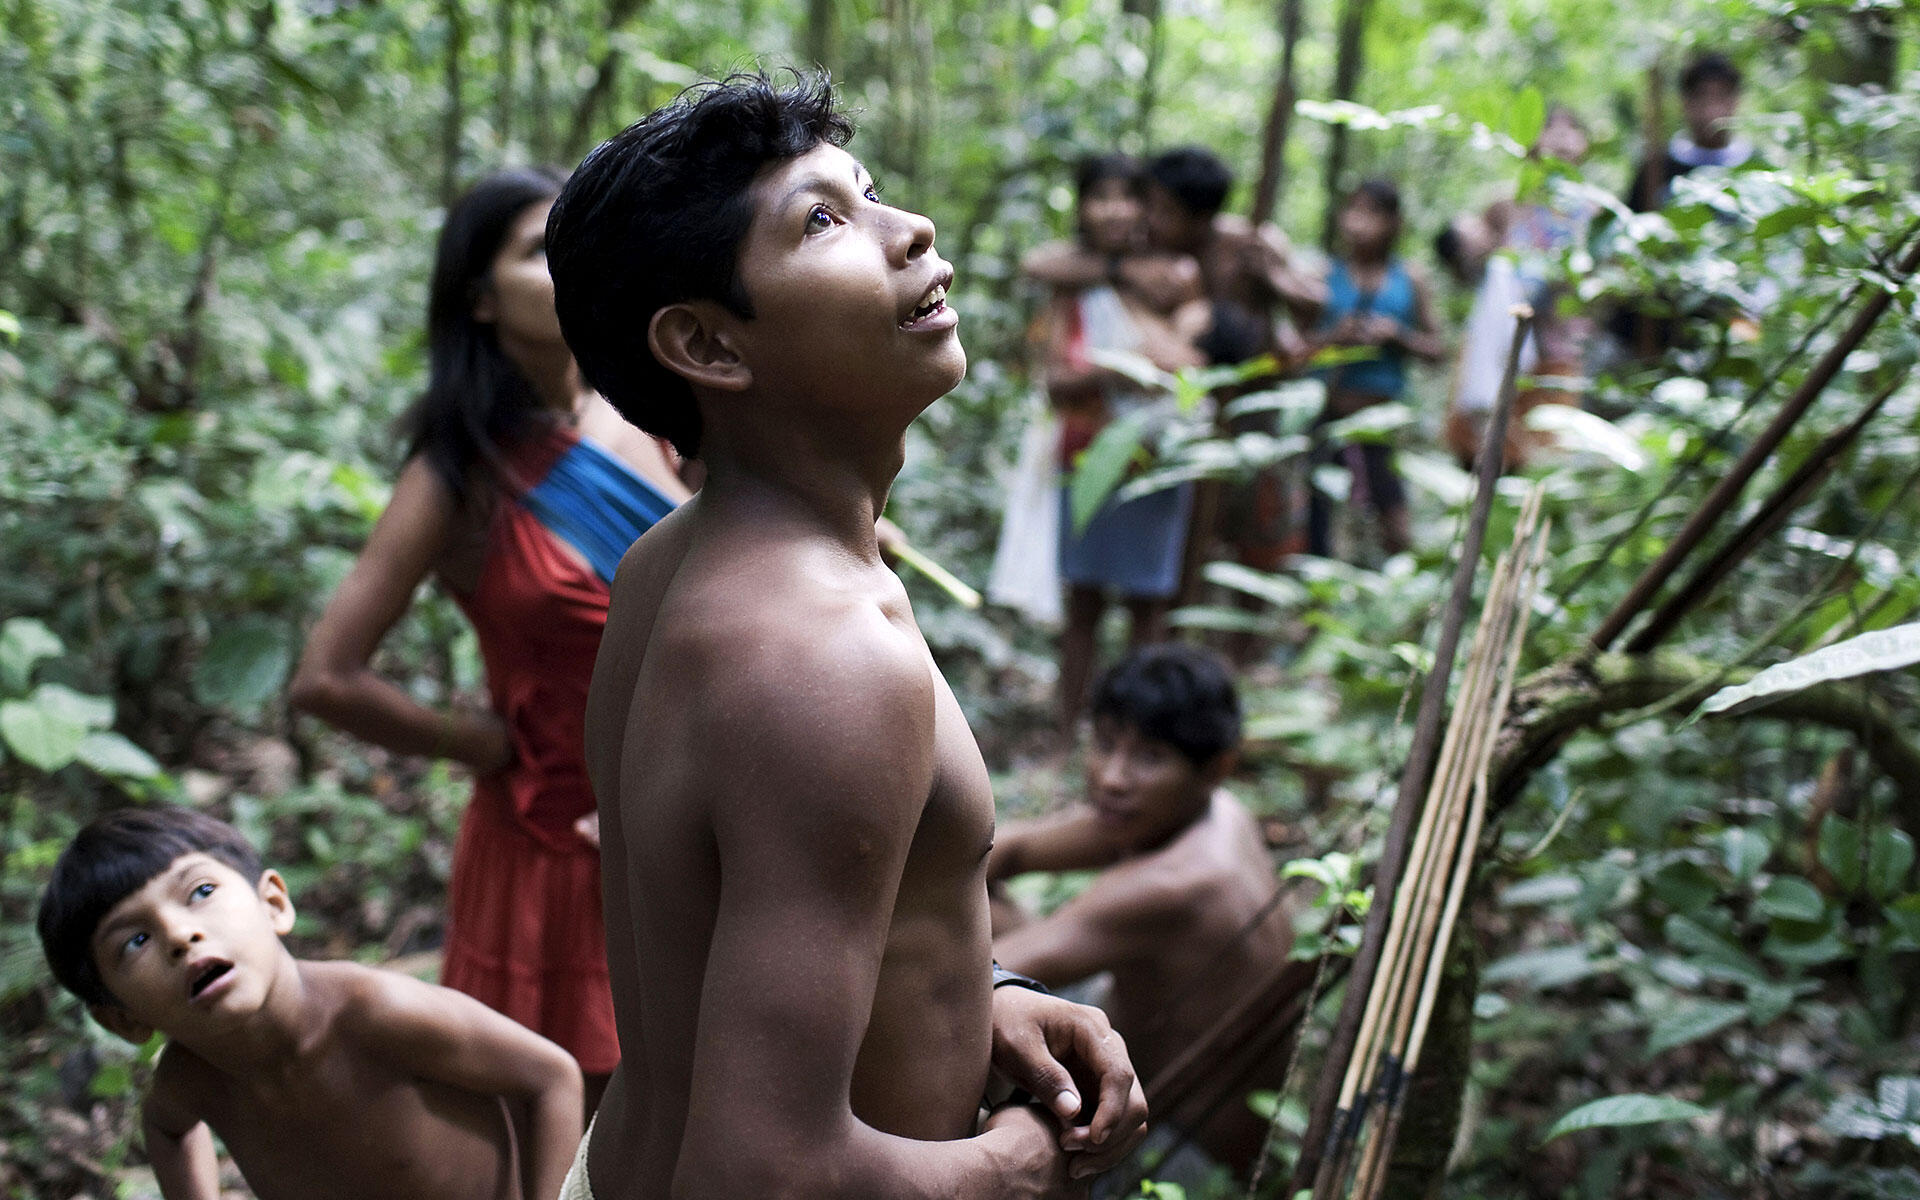 Dezenas de índios awás se escondem na floresta para evitar confrontos com madeireiros.